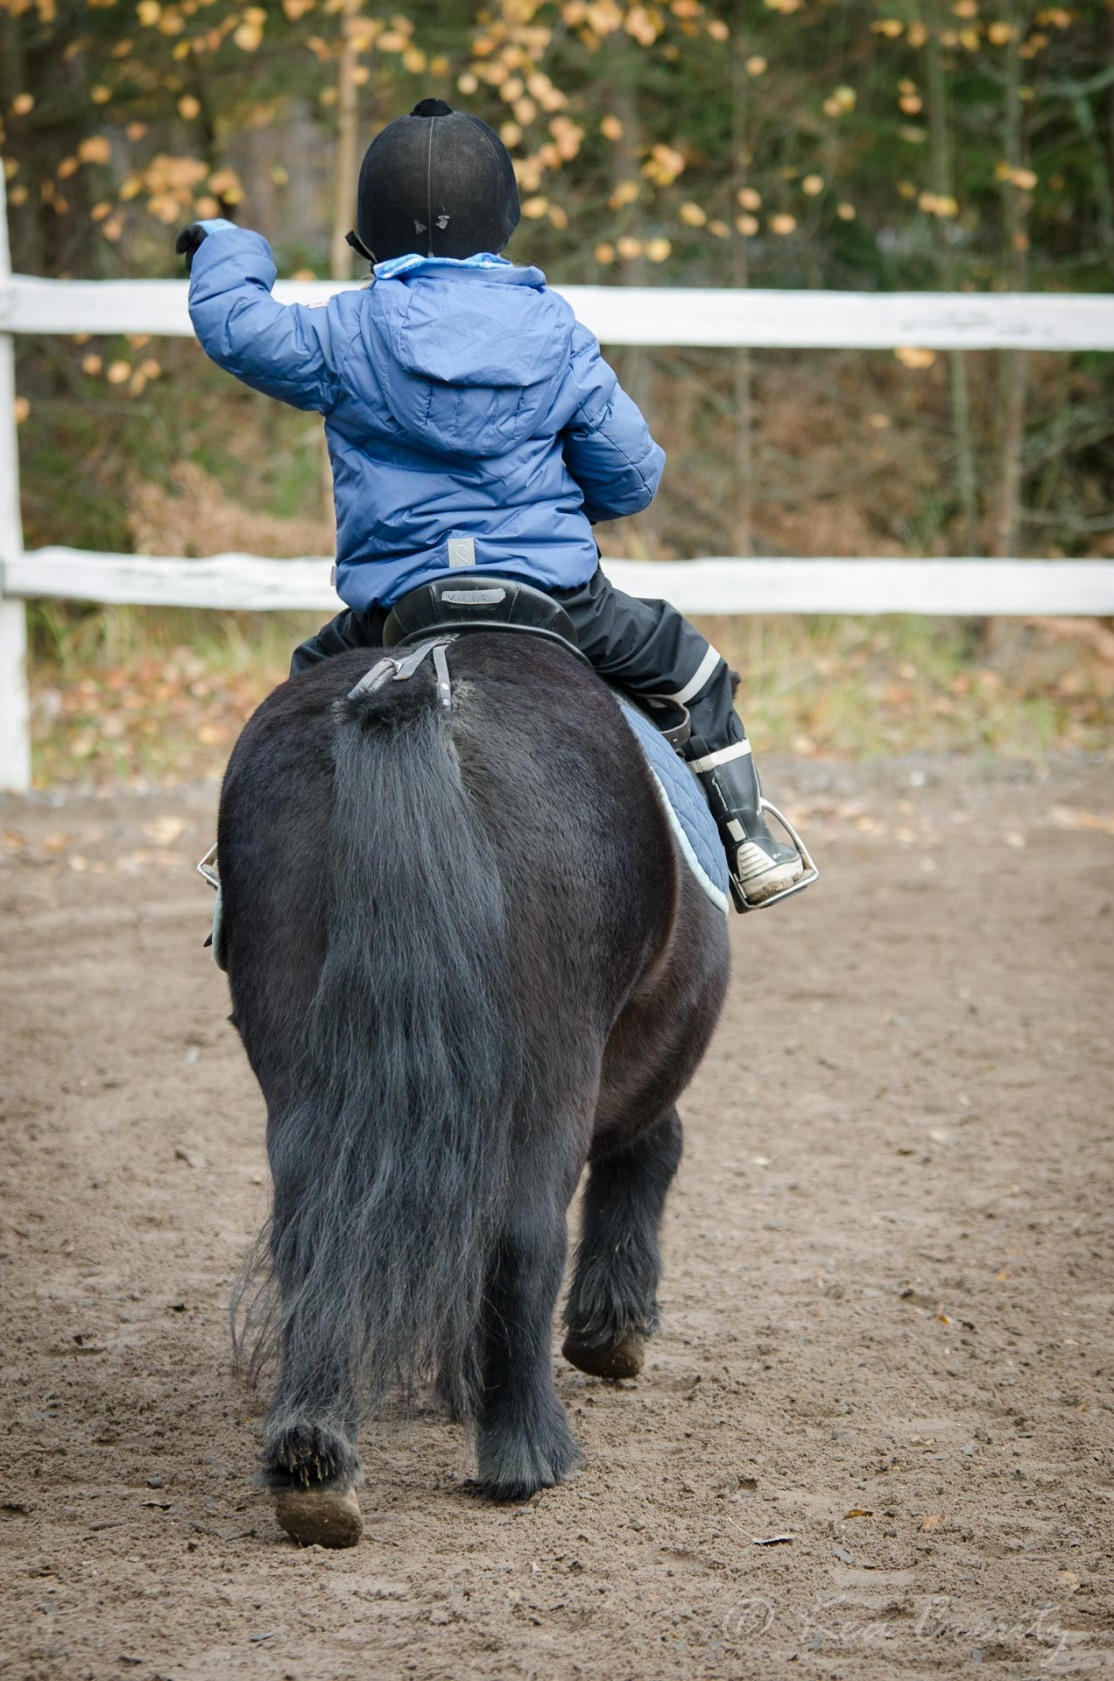 lapset-ratsastaa-6285